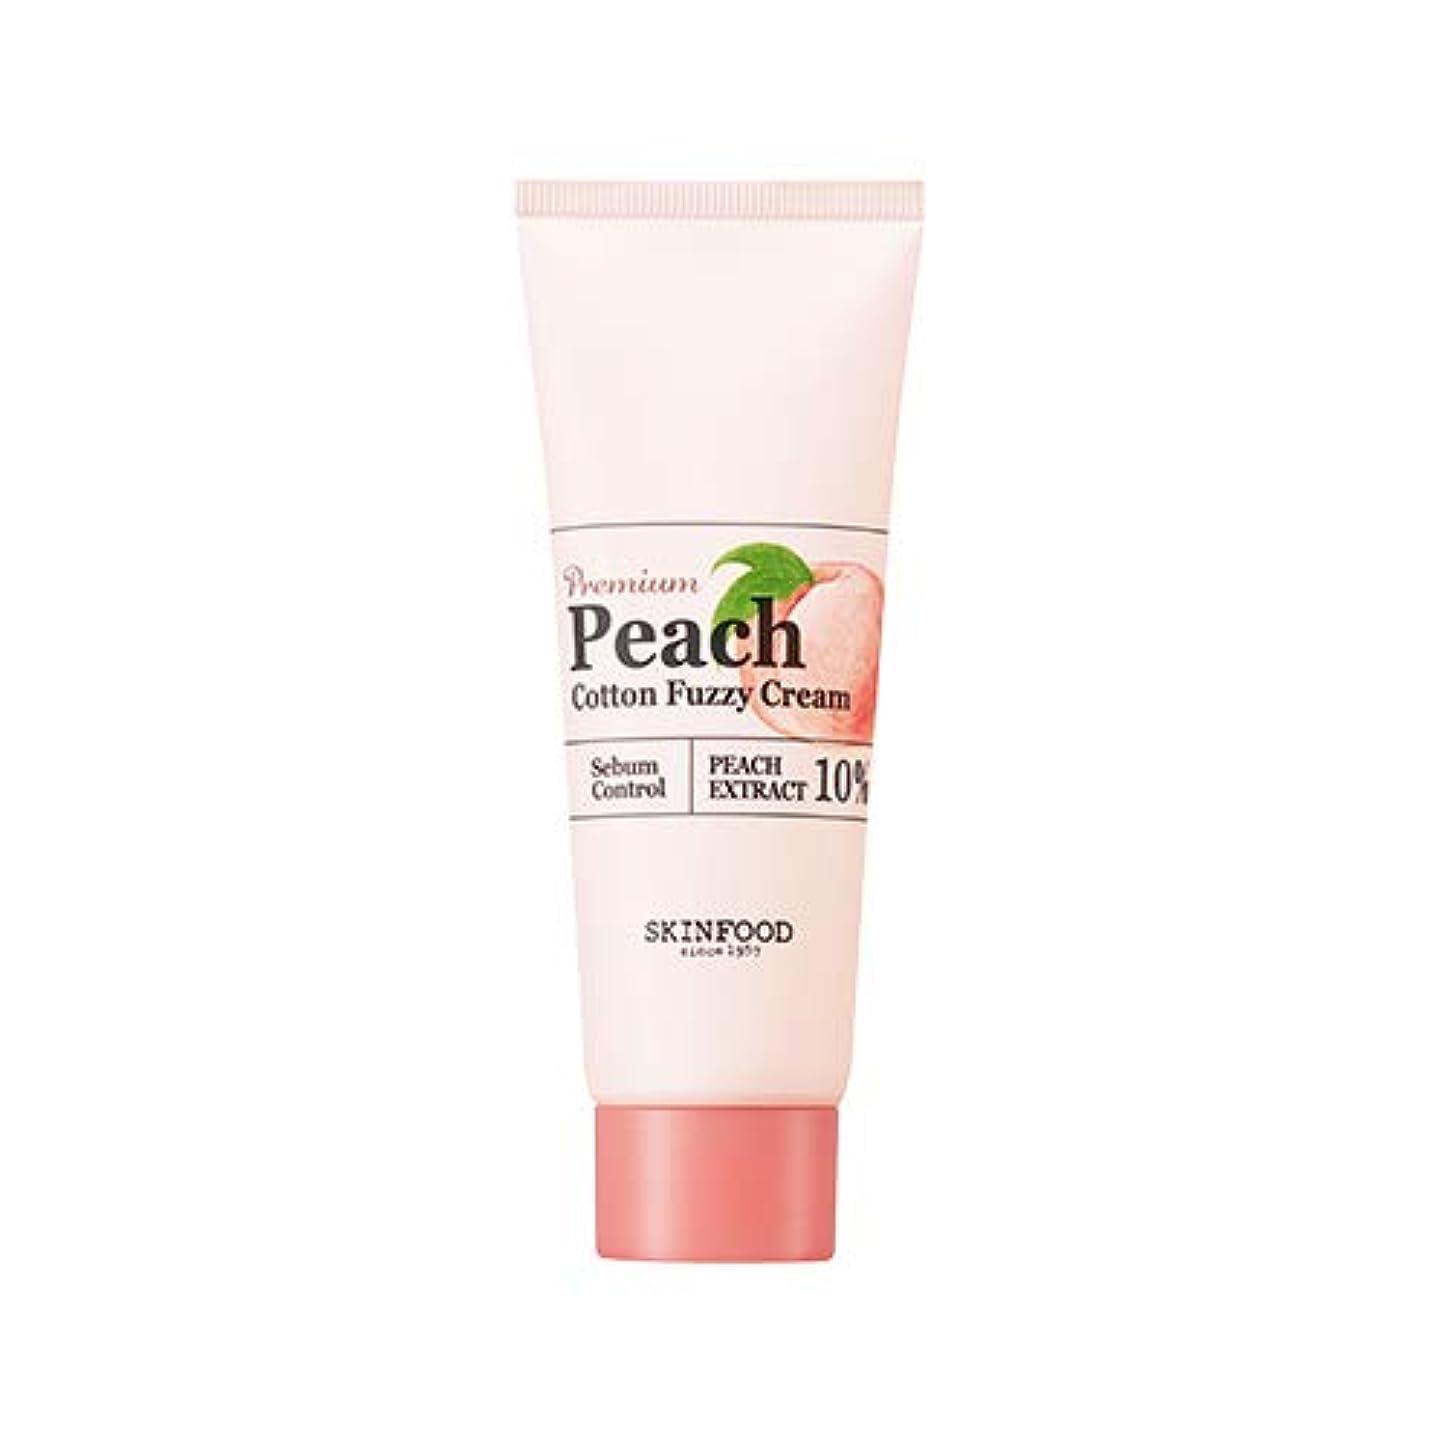 帝国うぬぼれた火山Skinfood プレミアムピーチコットンファジークリーム/Premium Peach Cotton Fuzzy Cream 65ml [並行輸入品]